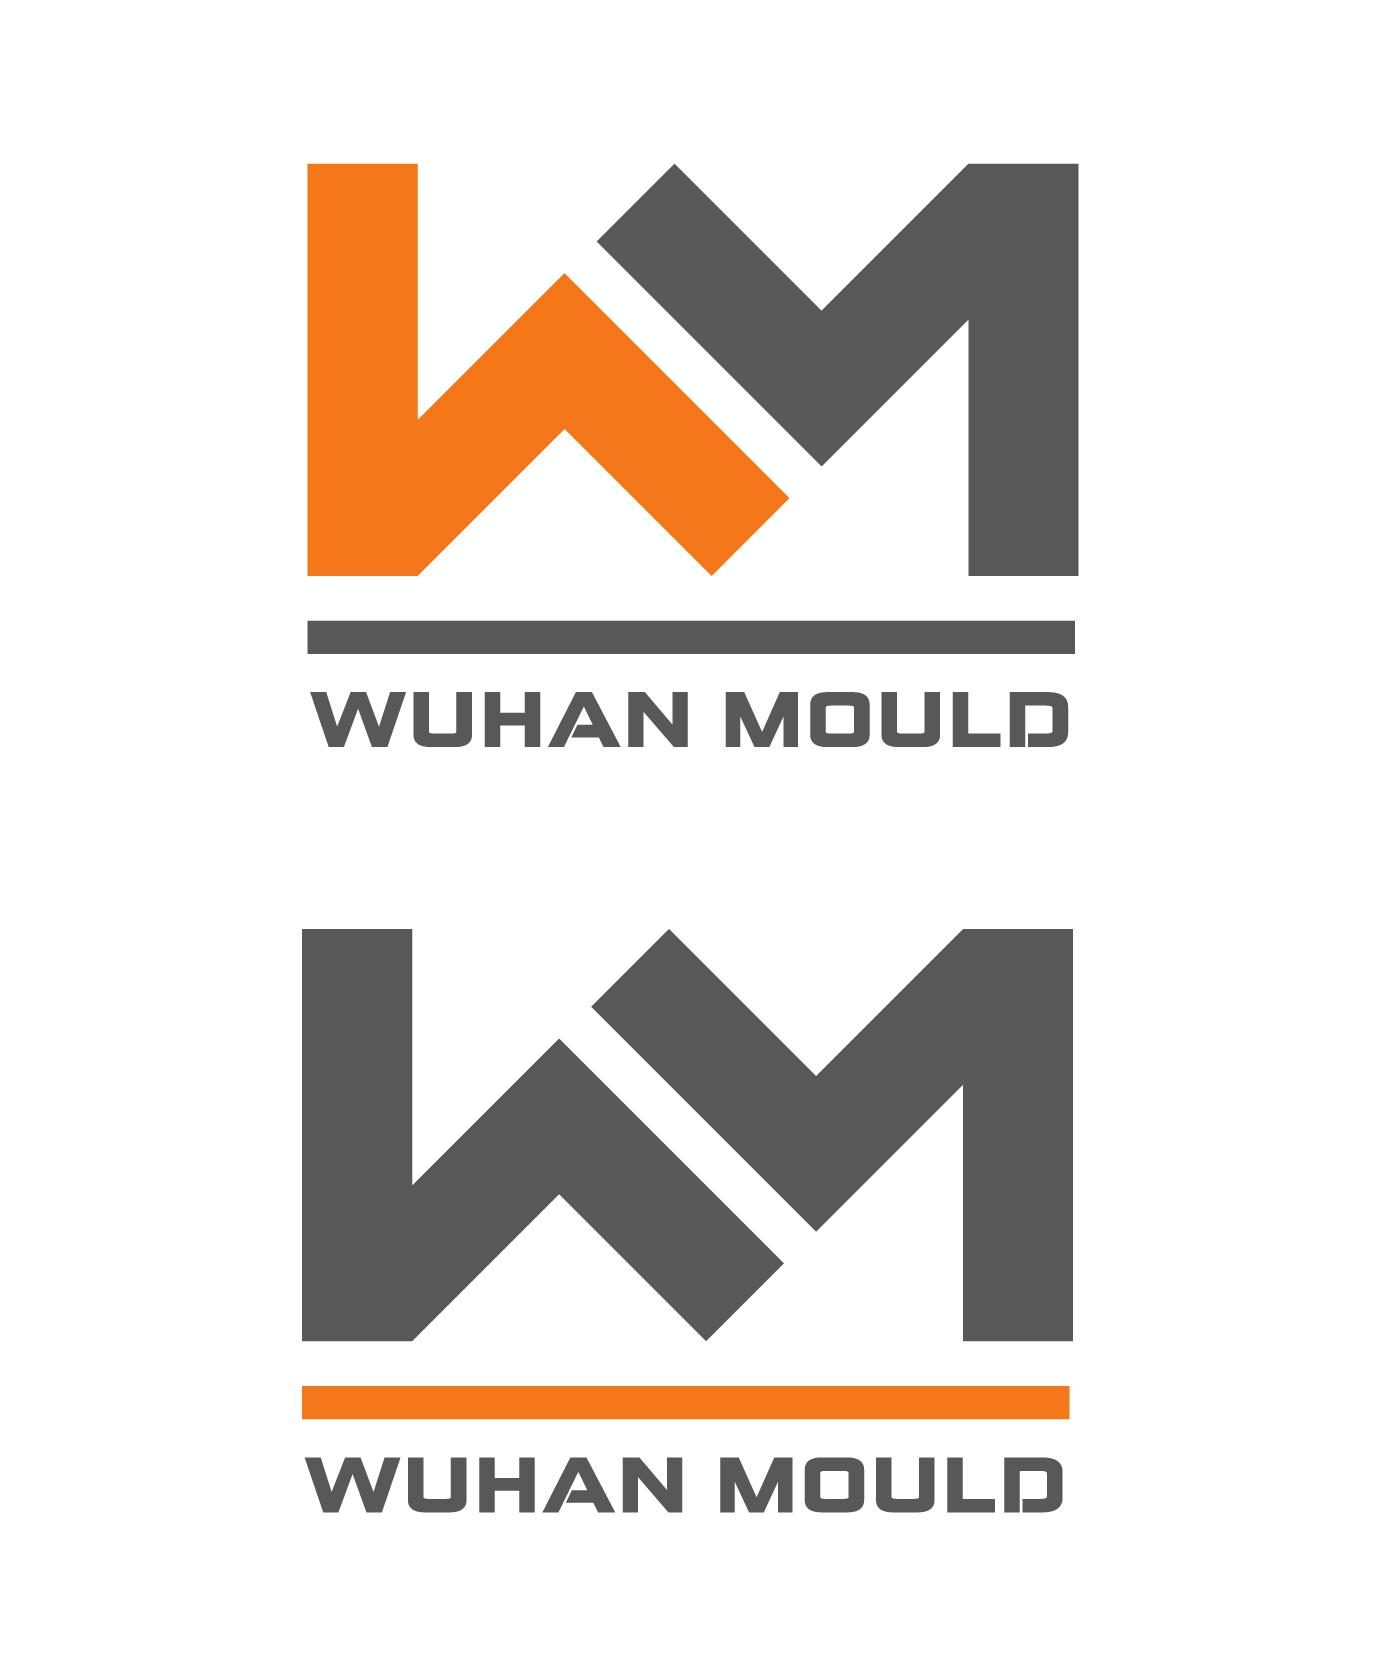 Создать логотип для фабрики пресс-форм фото f_3245989af53839c9.jpg